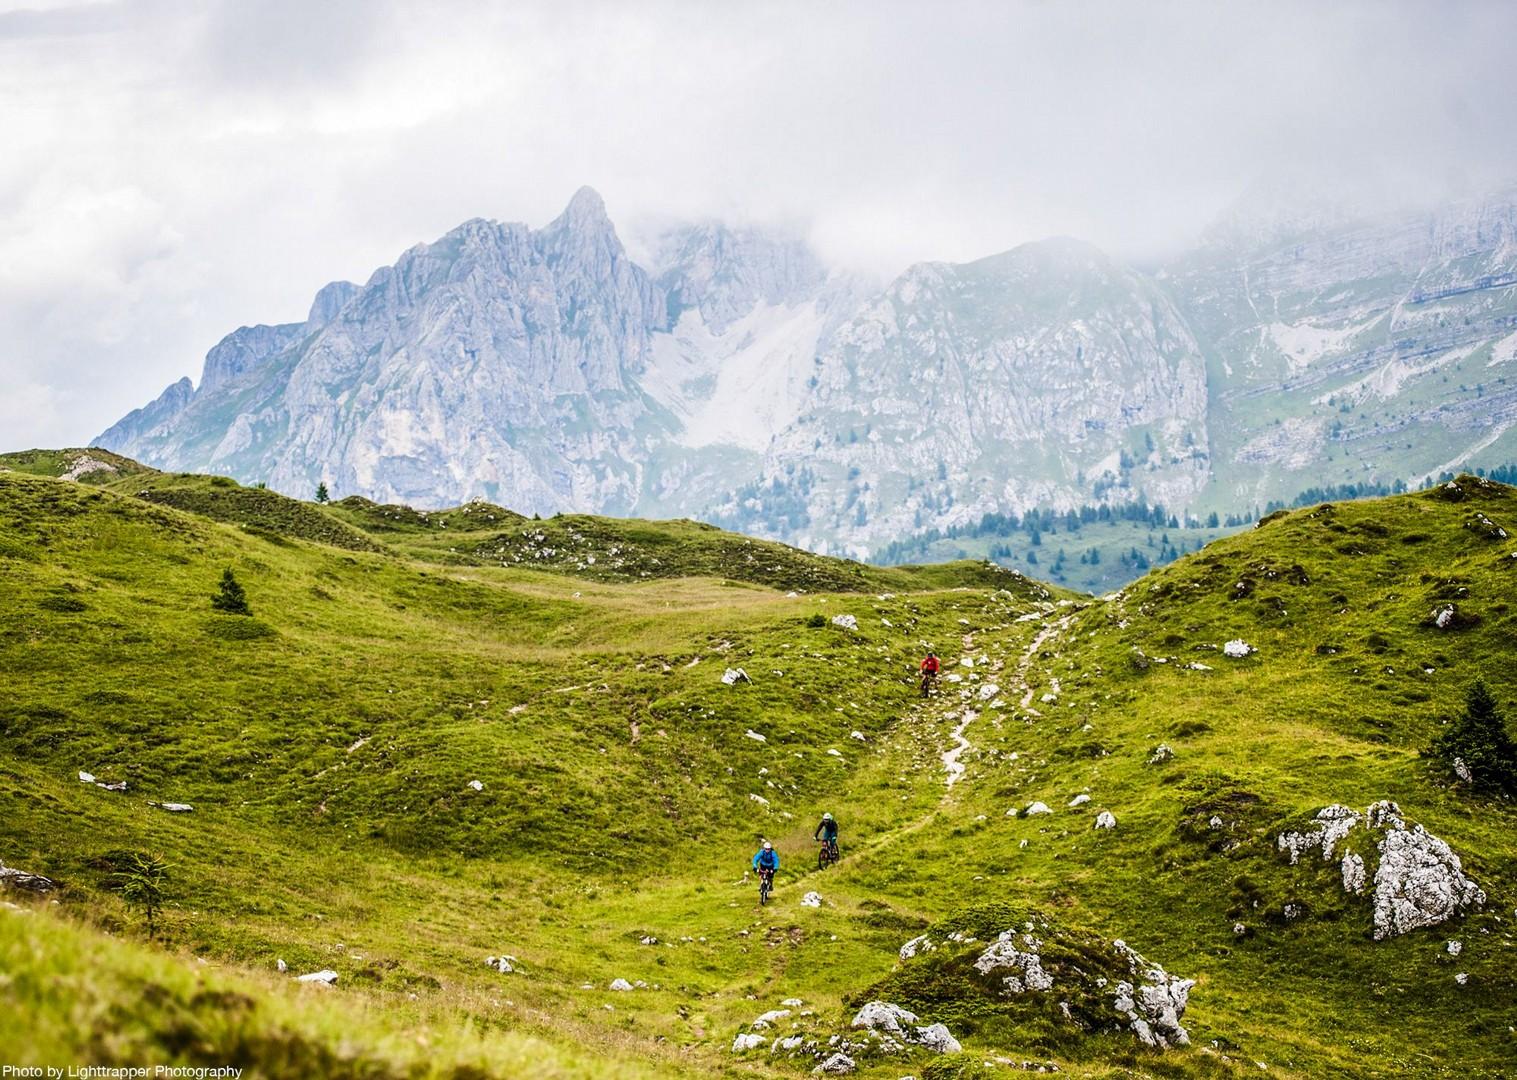 saddle_skedaddle_italy_2017_day6_brenta_dolomites_179-2.jpg - Italy - Dolomites of Brenta - Electric Mountain Bike Holiday - Mountain Biking